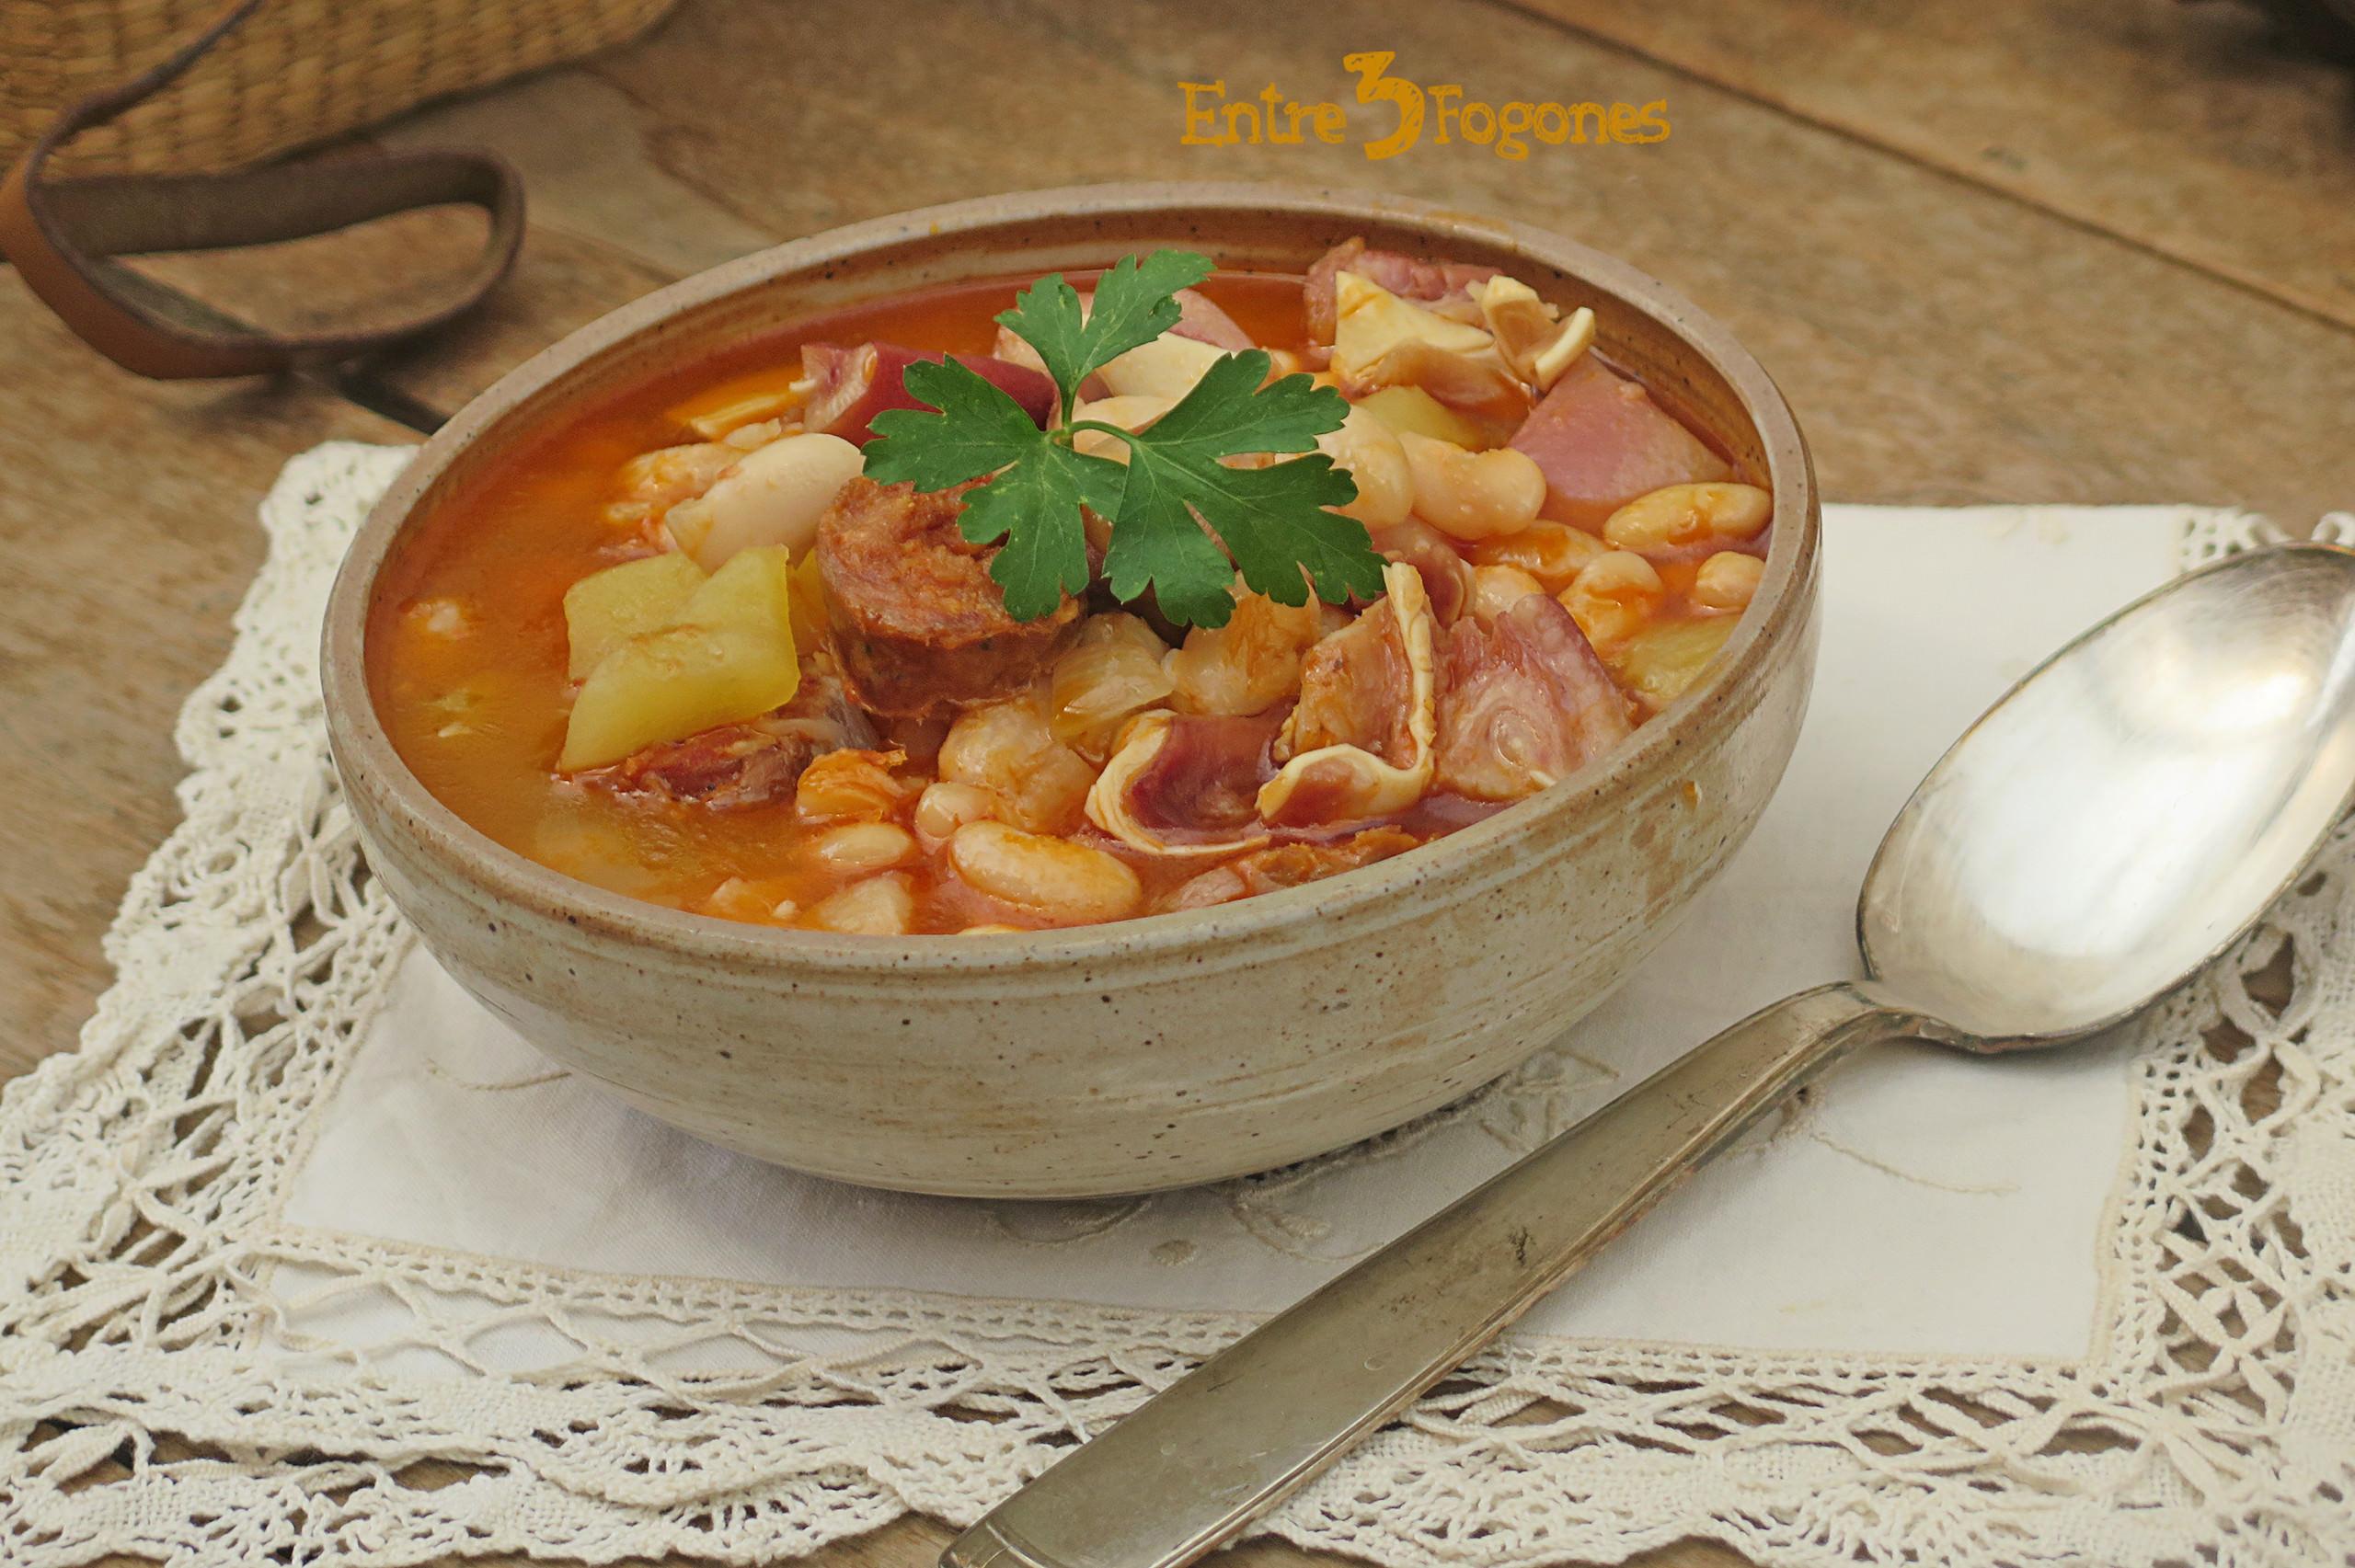 Receta Potaje de Habichuelas con Chorizo y Oreja de Cerdo